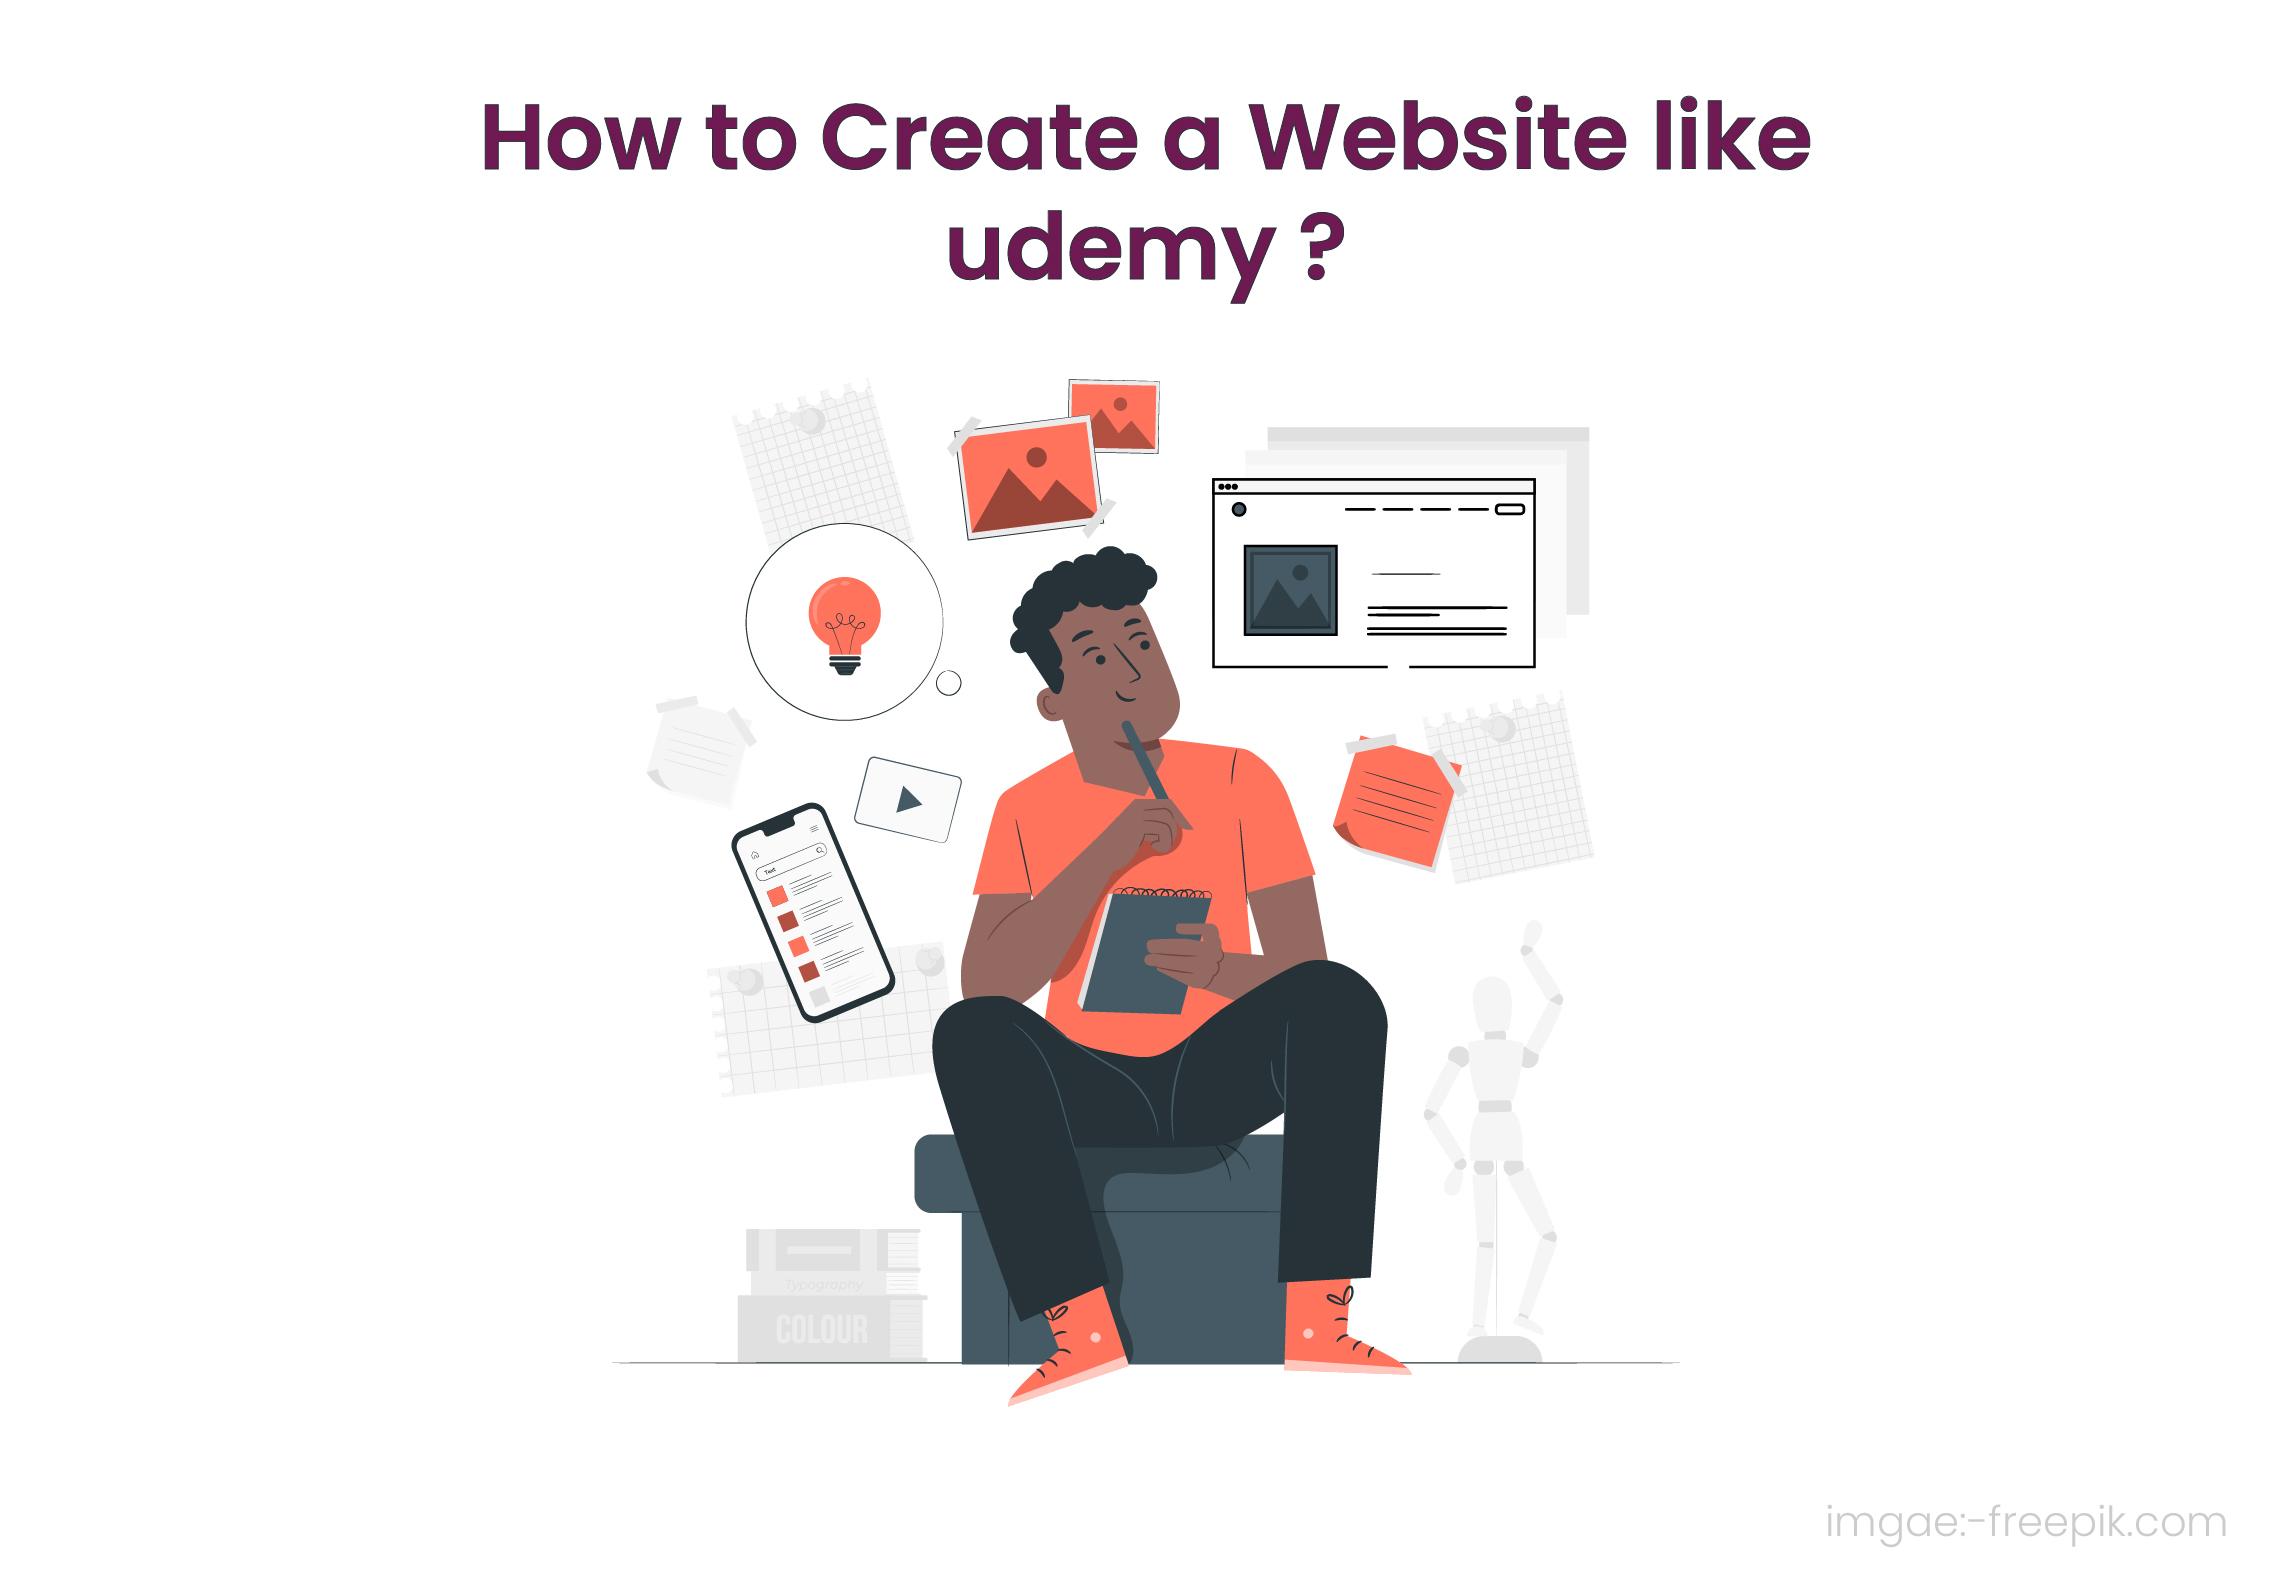 Create a Website Like Udemy